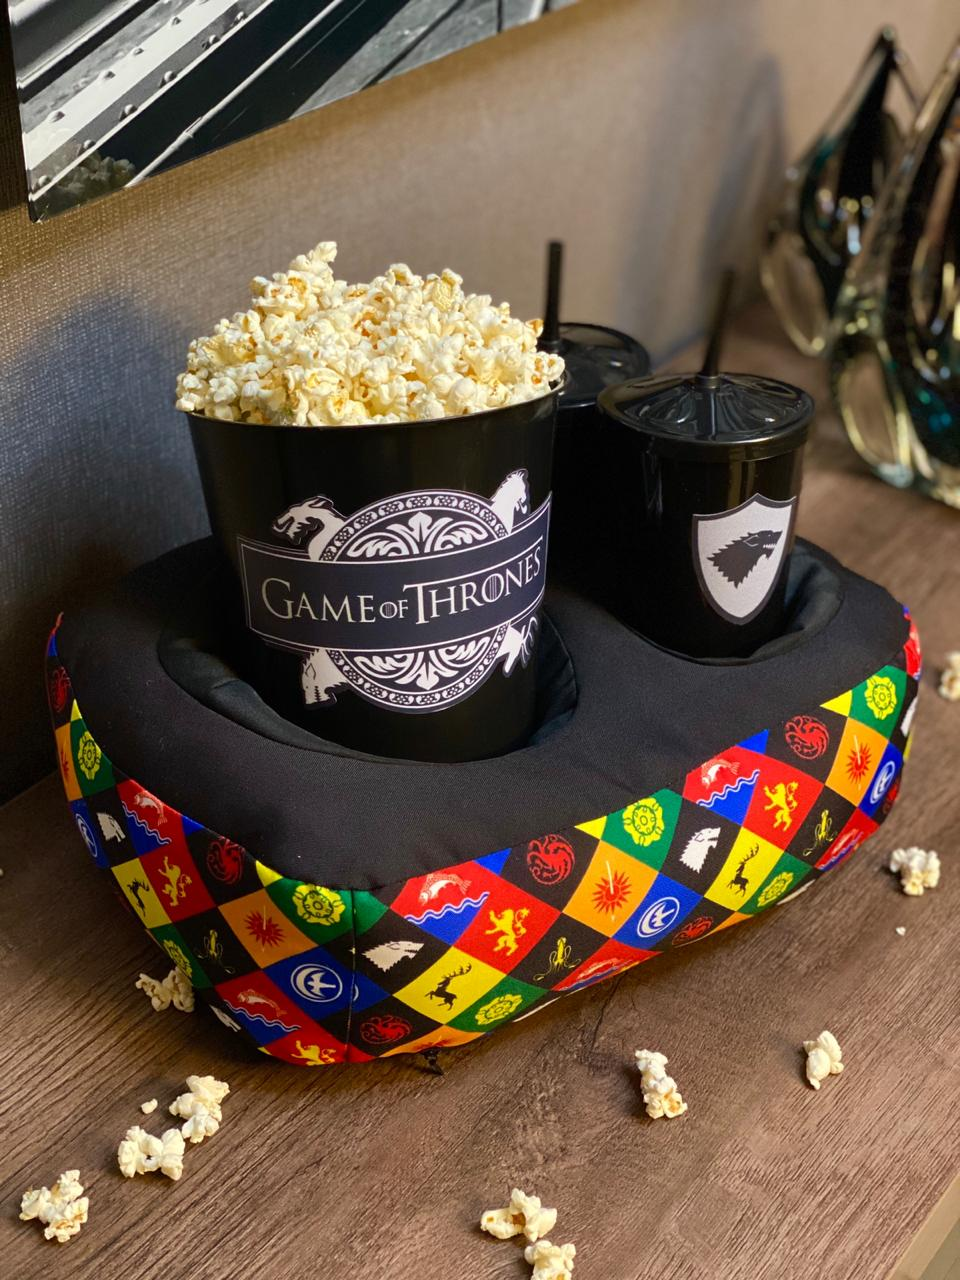 Kit Almofada Porta Pipoca Casas: Game of Thrones (2 Copos)